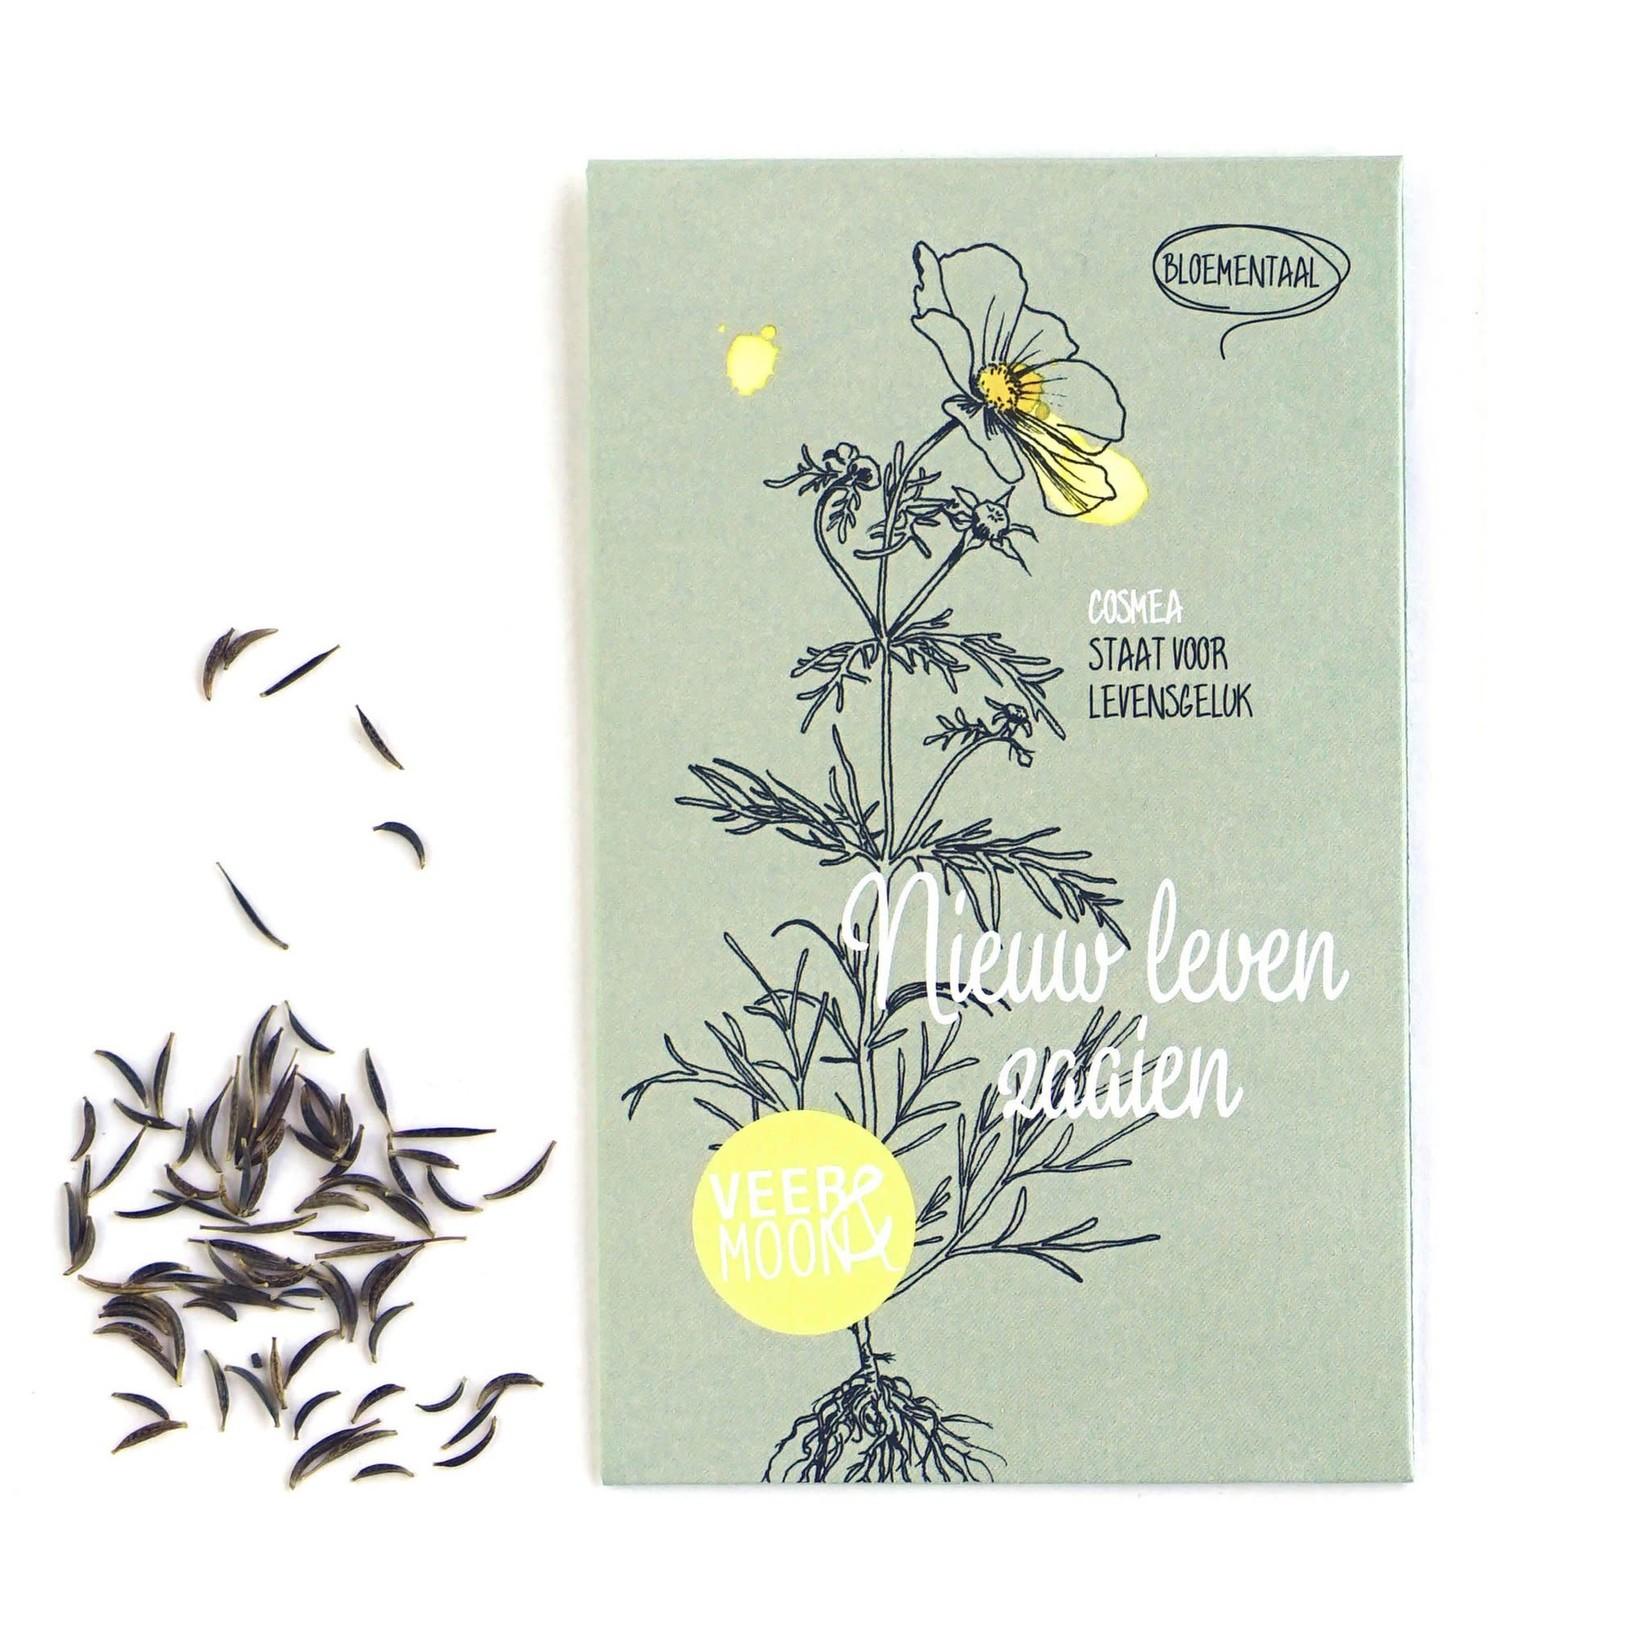 Veer&Moon Bloemenzaden 'Nieuw Leven zaaien'